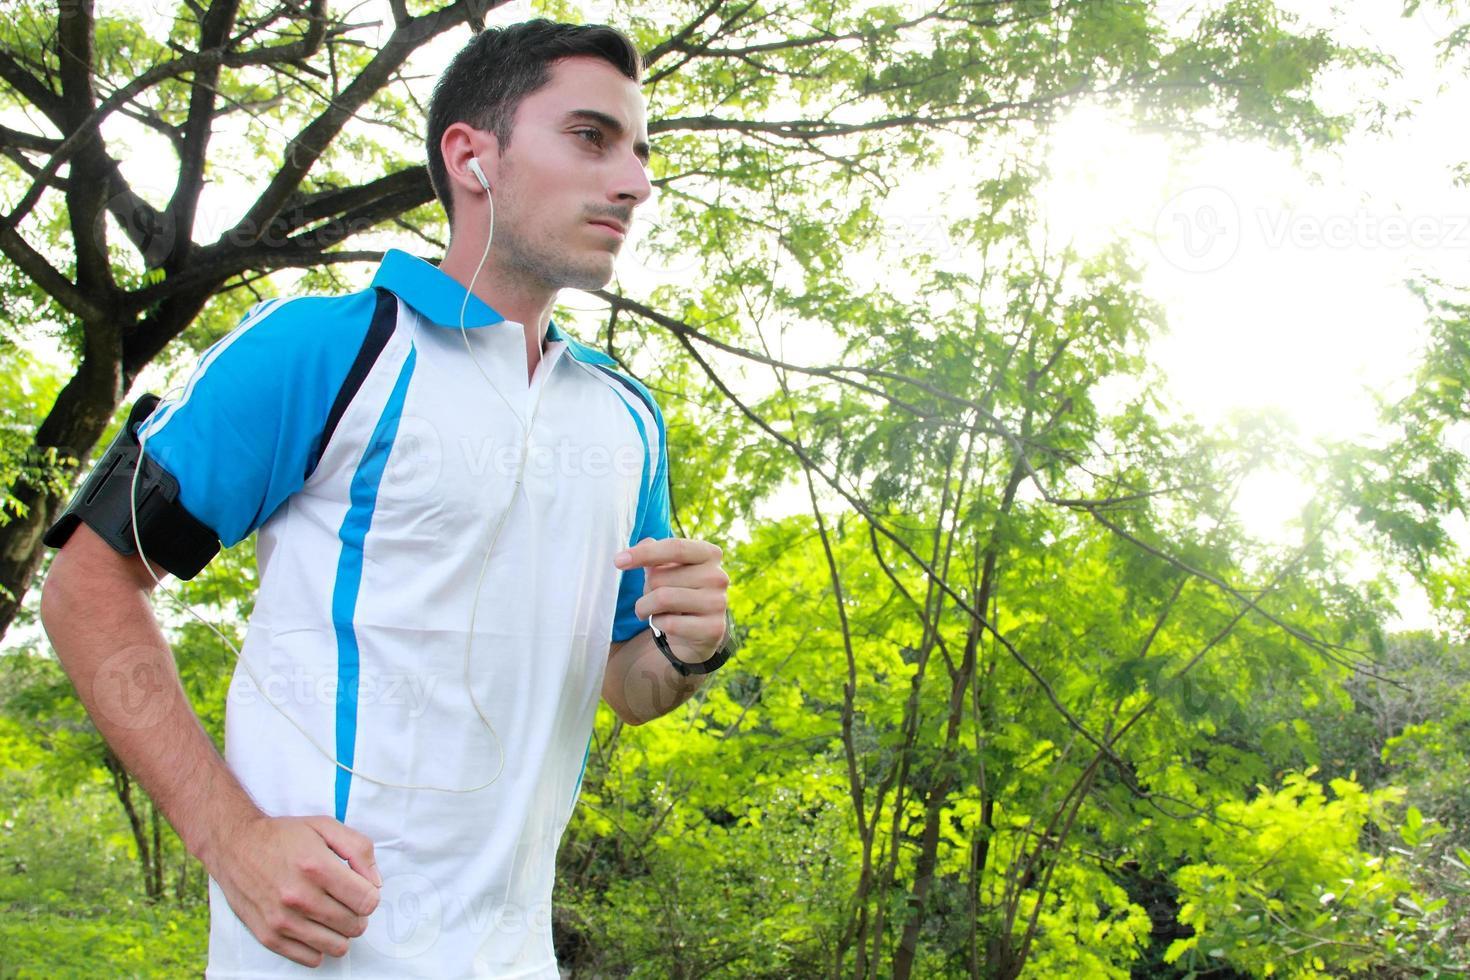 sportivo in forma giovane jogging durante l'ascolto di musica foto